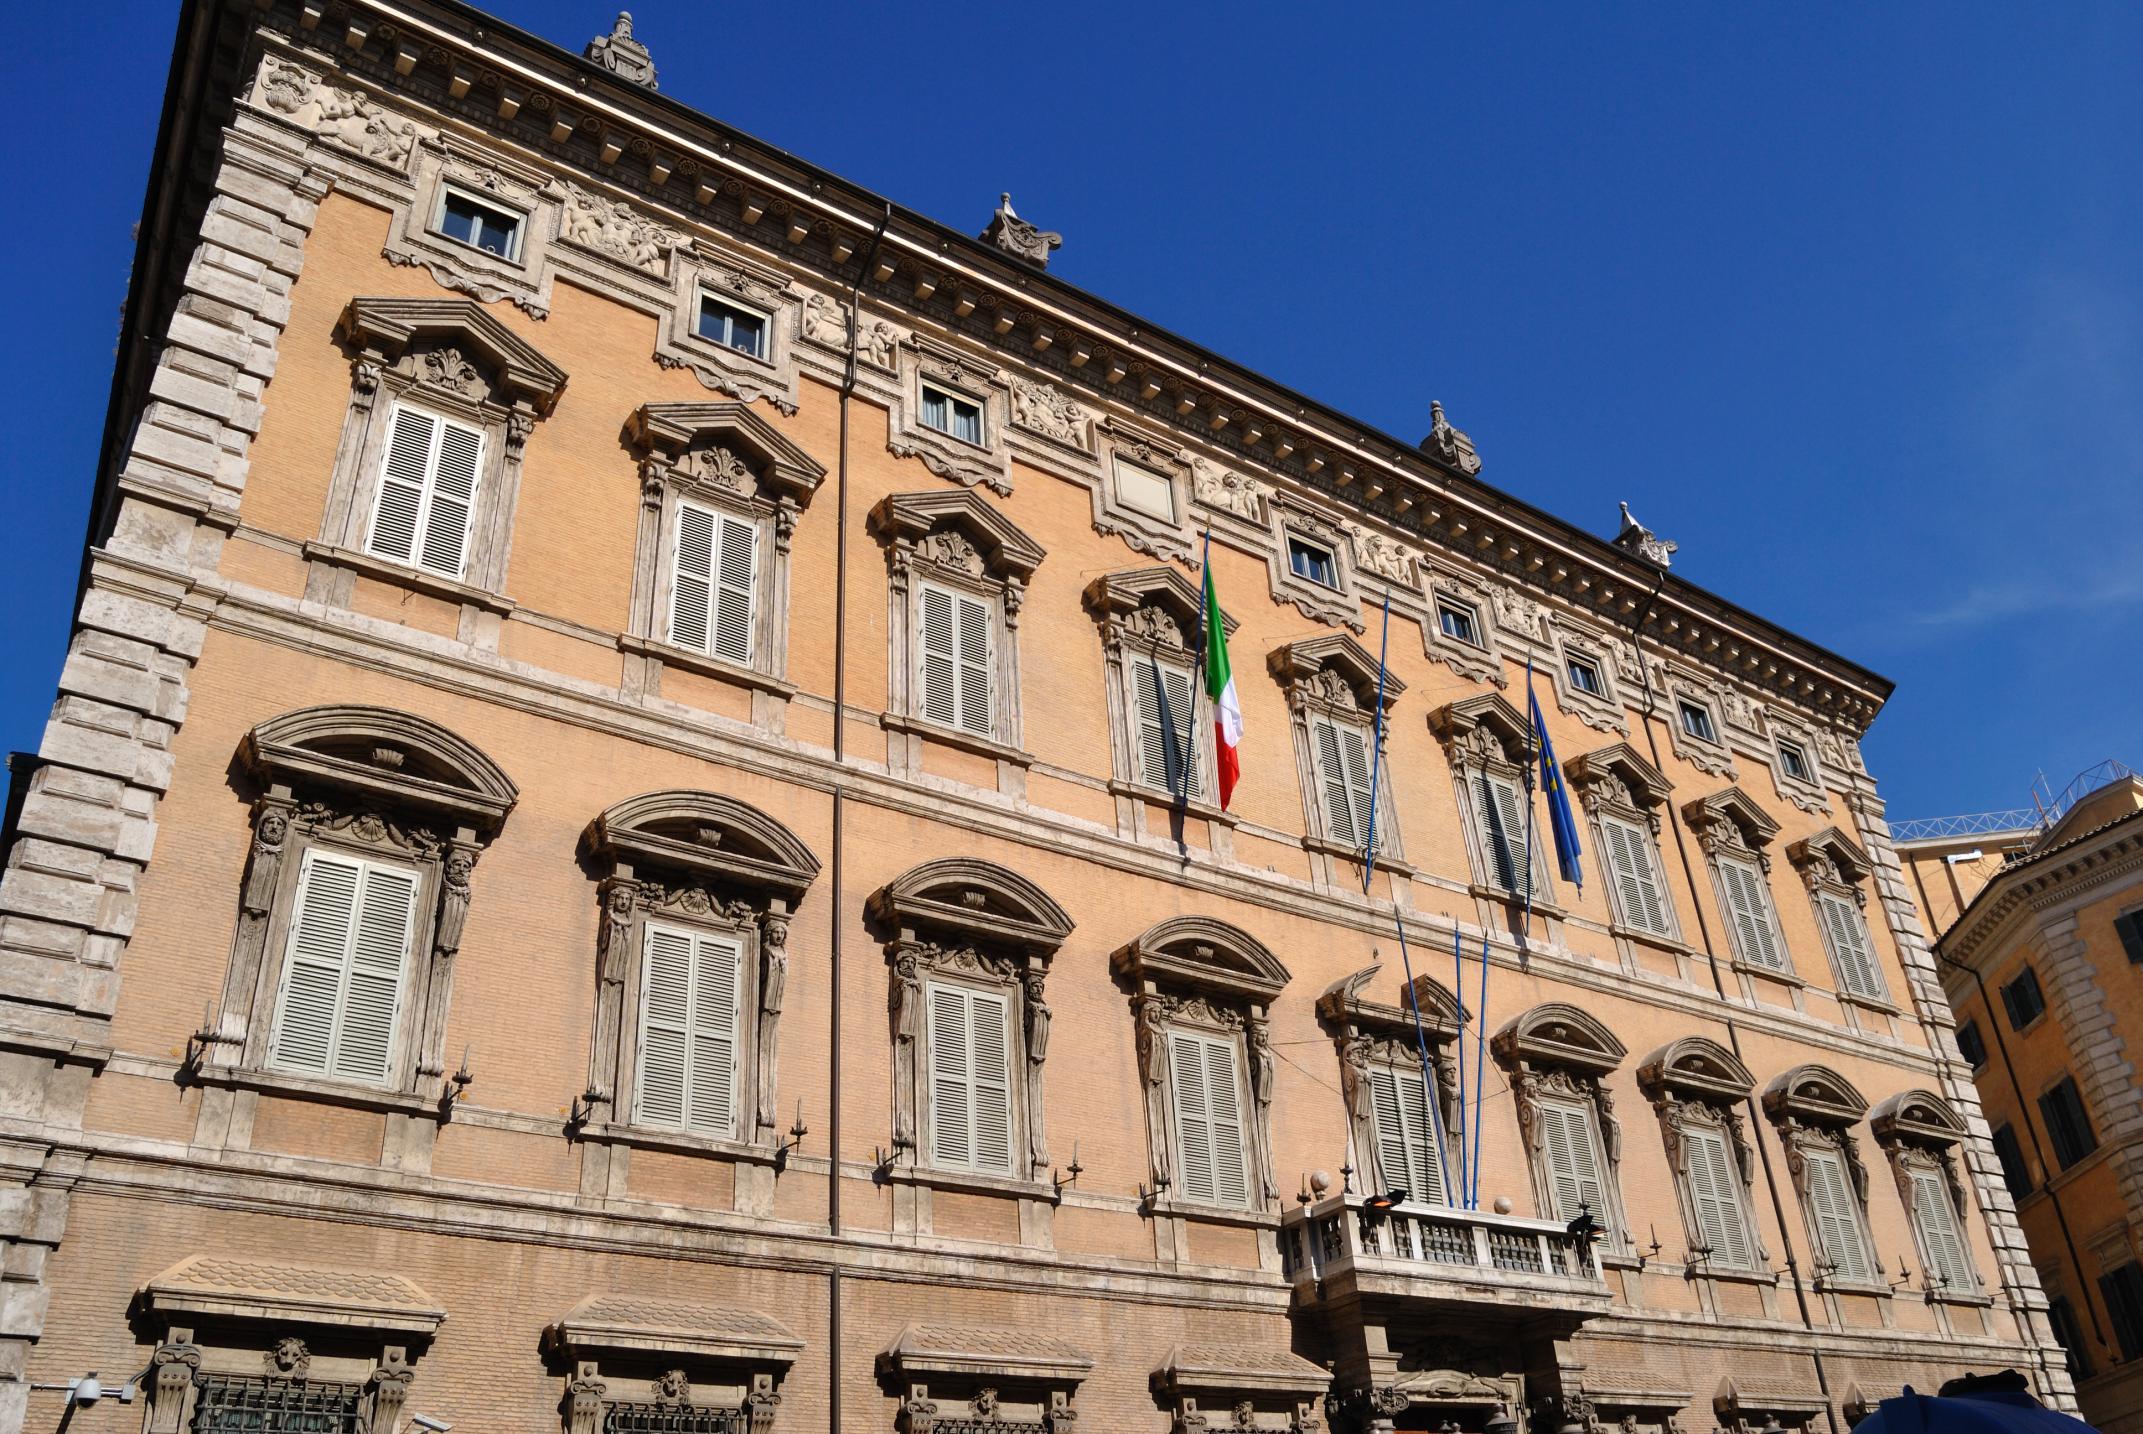 Roma palazzo madama aperto al pubblico la cronaca di roma for Senato della repubblica sede